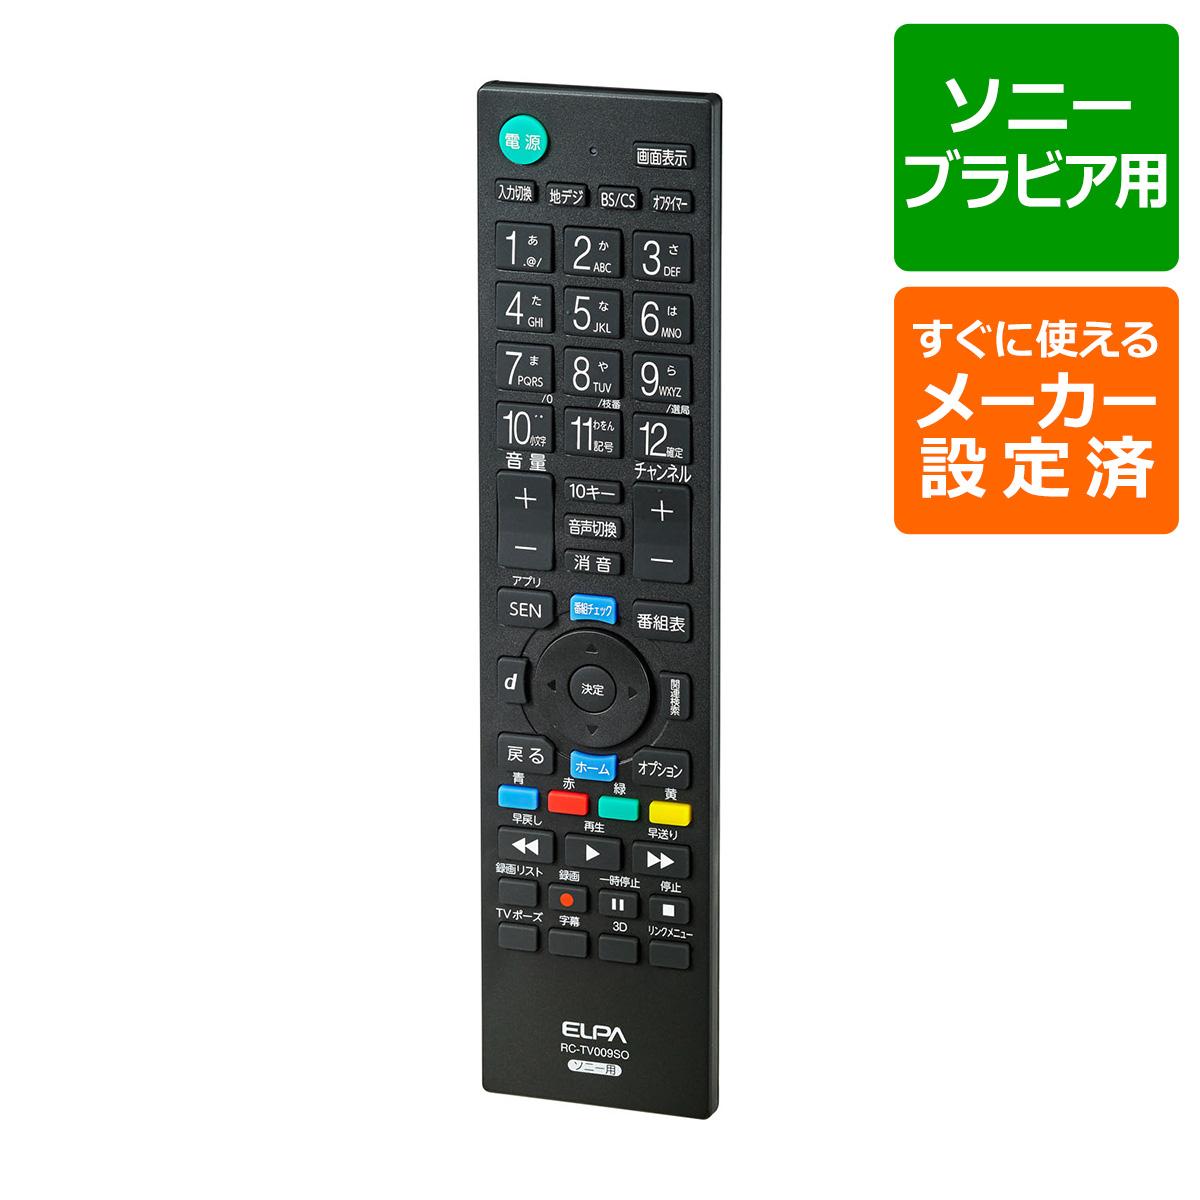 ブランド品 リンク機能 録画機能の操作にも対応 エルパ テレビリモコン ソニー AL完売しました。 ブラビア メーカー設定済みですぐに使える アウトレット 朝日電器 ELPA リモコン TV RC-TV009SO